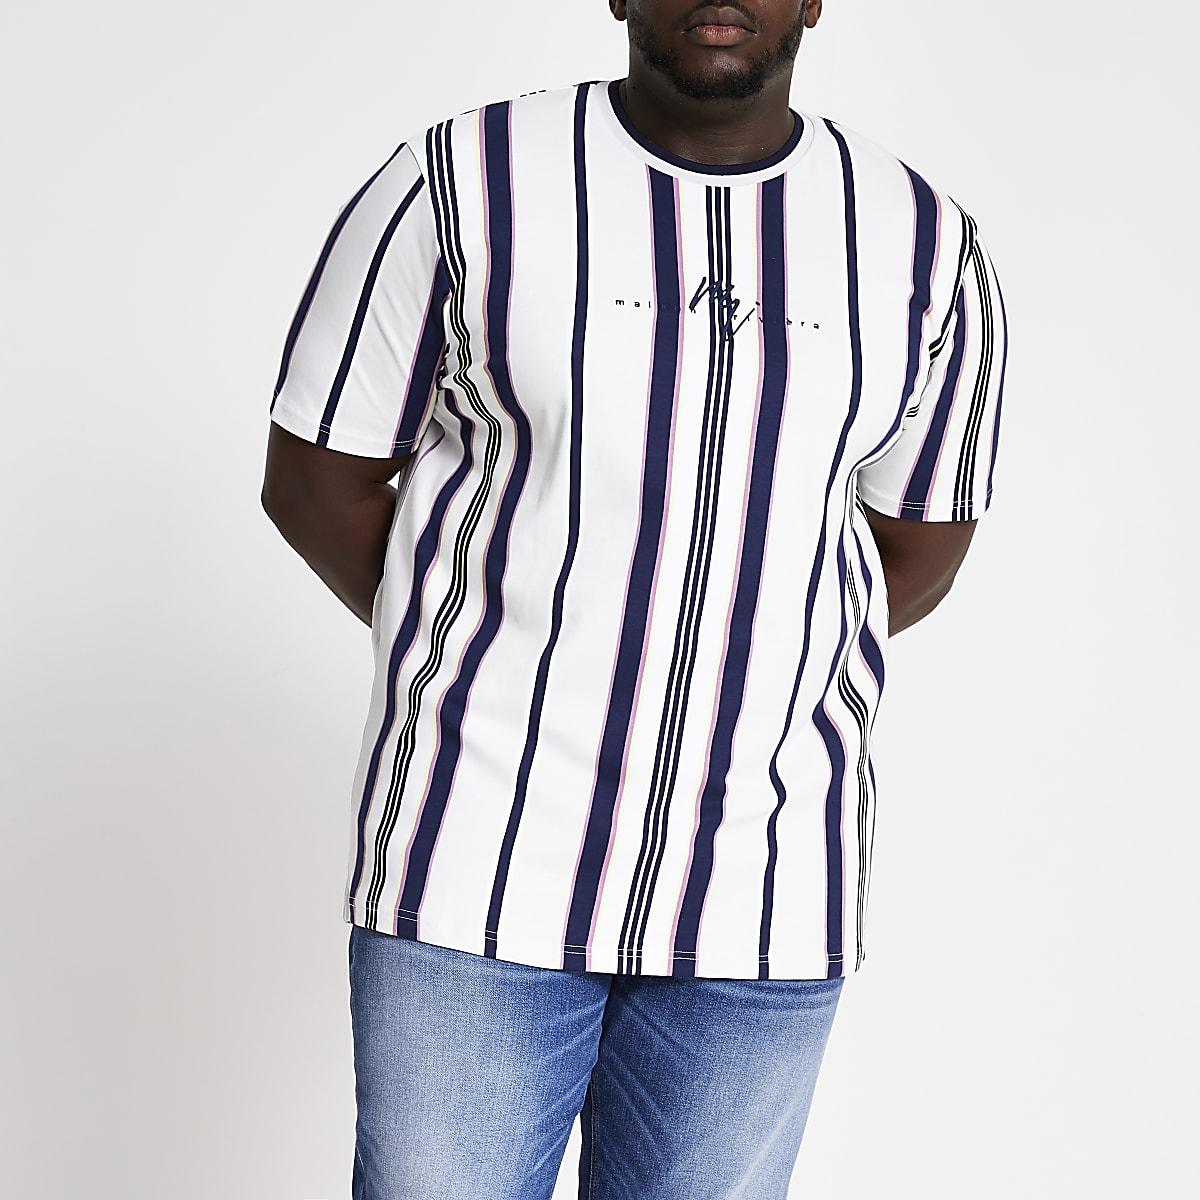 Big and Tall – T-shirt Maison Riviera blanc